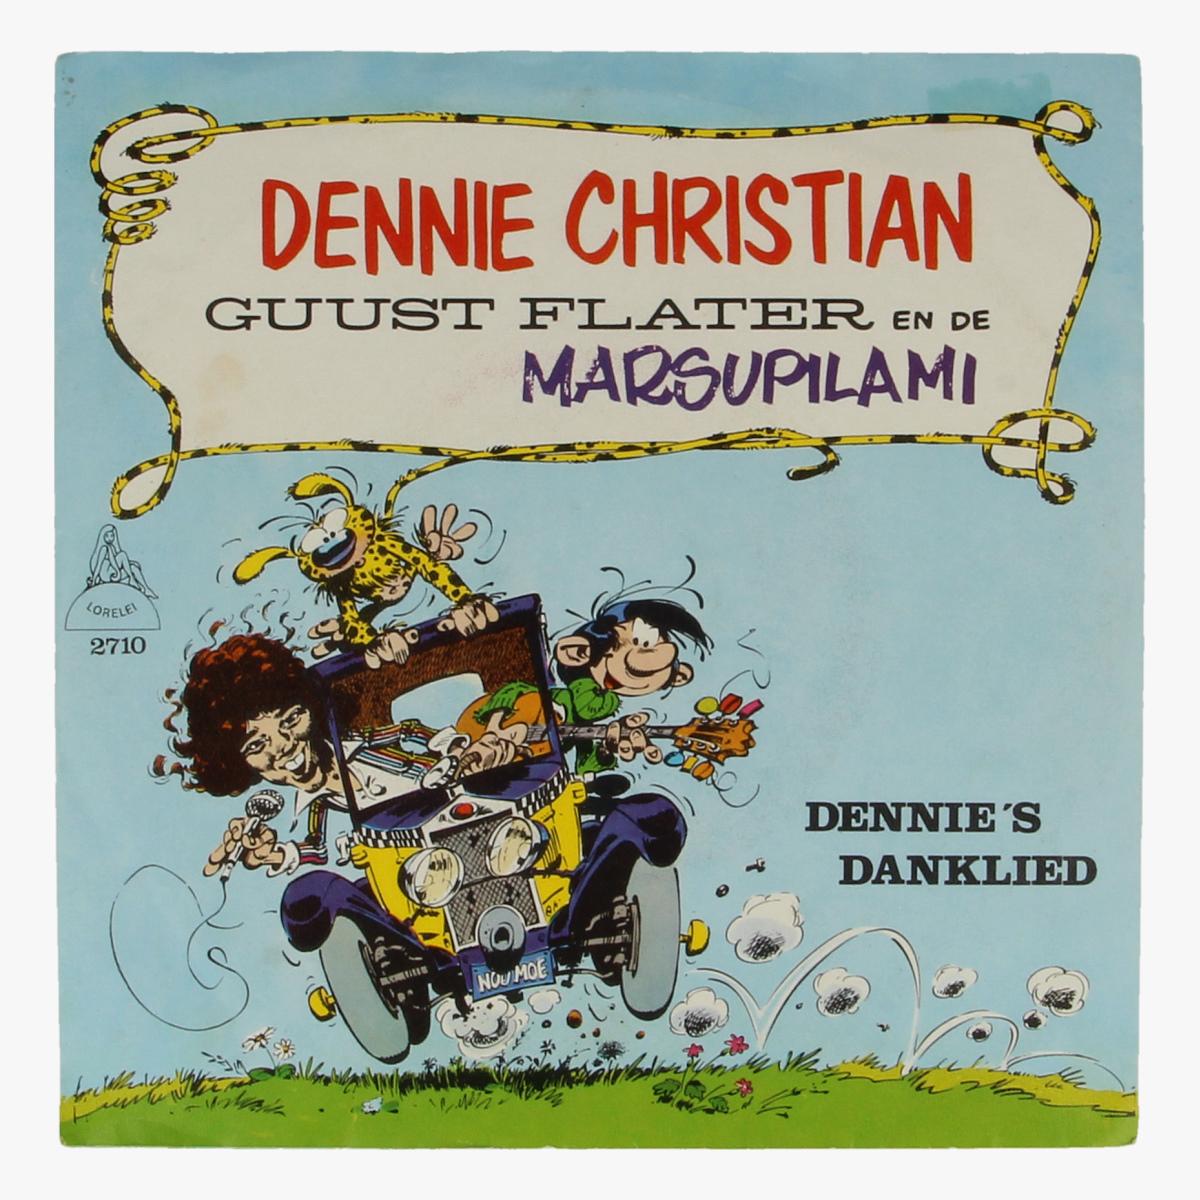 Afbeeldingen van Dennie Christian Guust flater en de marsupilami 45 toeren